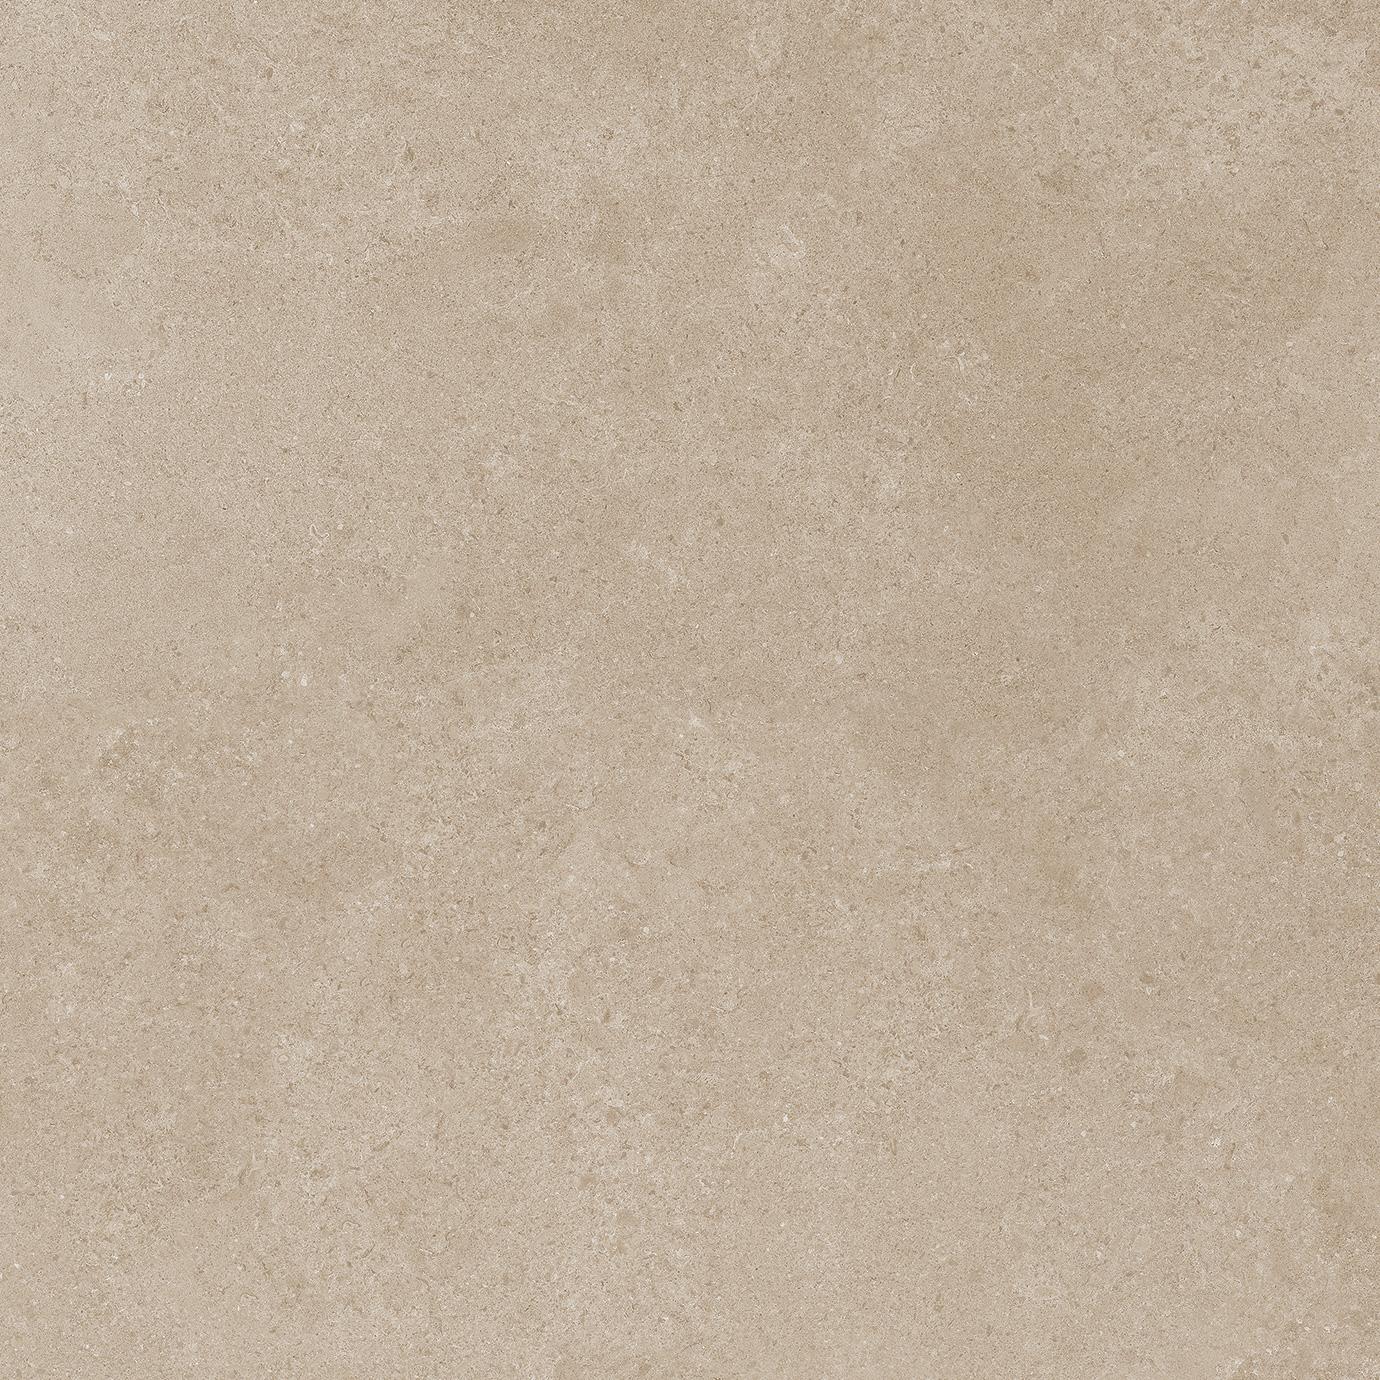 Orion Beige Lapatto 98,2x98,2